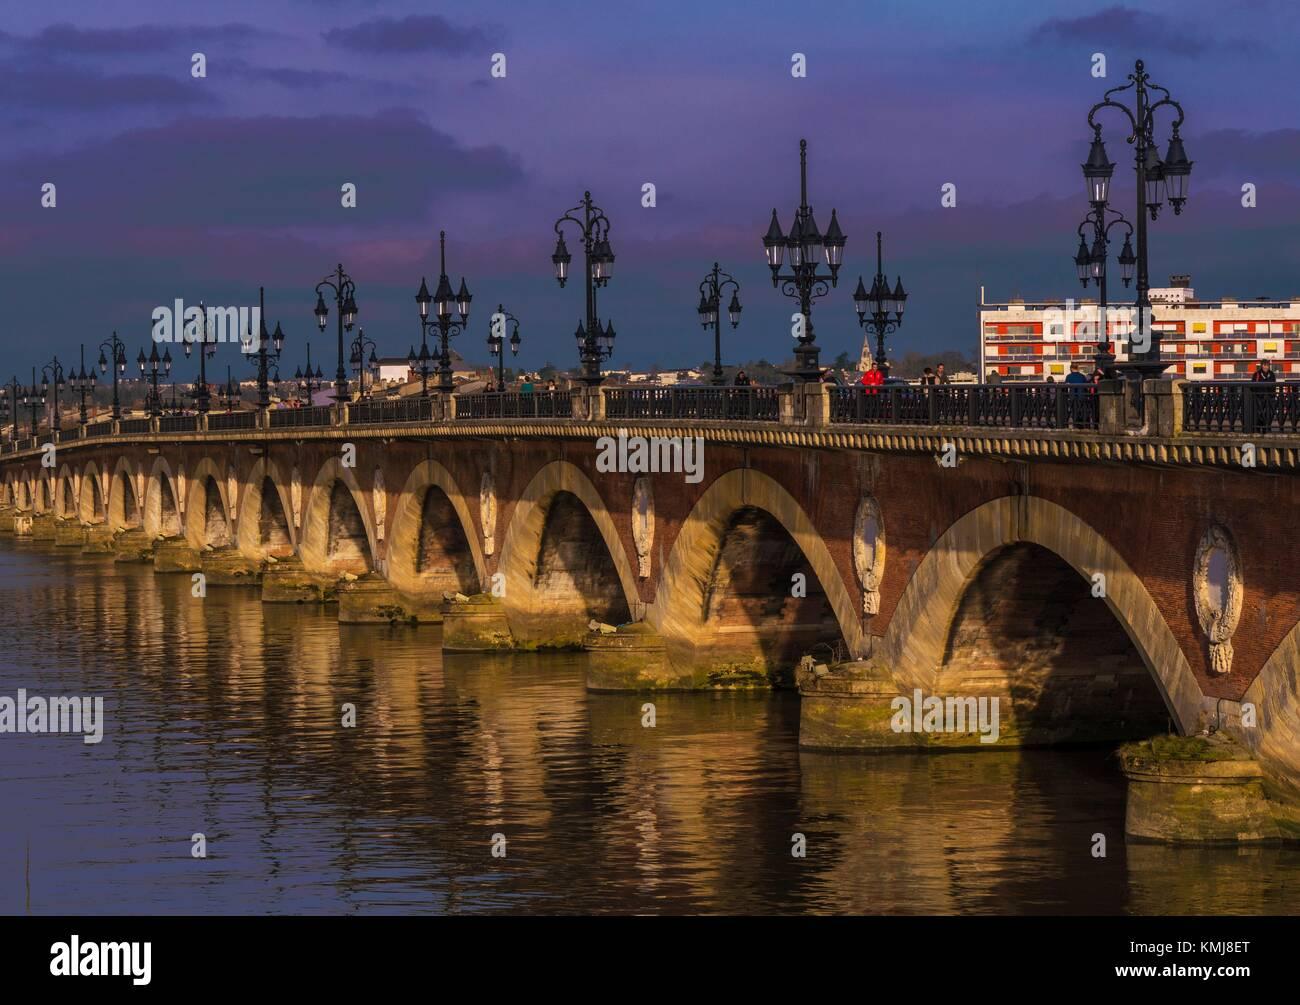 France. Grande Aquitaine. Gironde. 'Pont de pierre' bridge over the Garonne river, at Bordeaux. - Stock Image